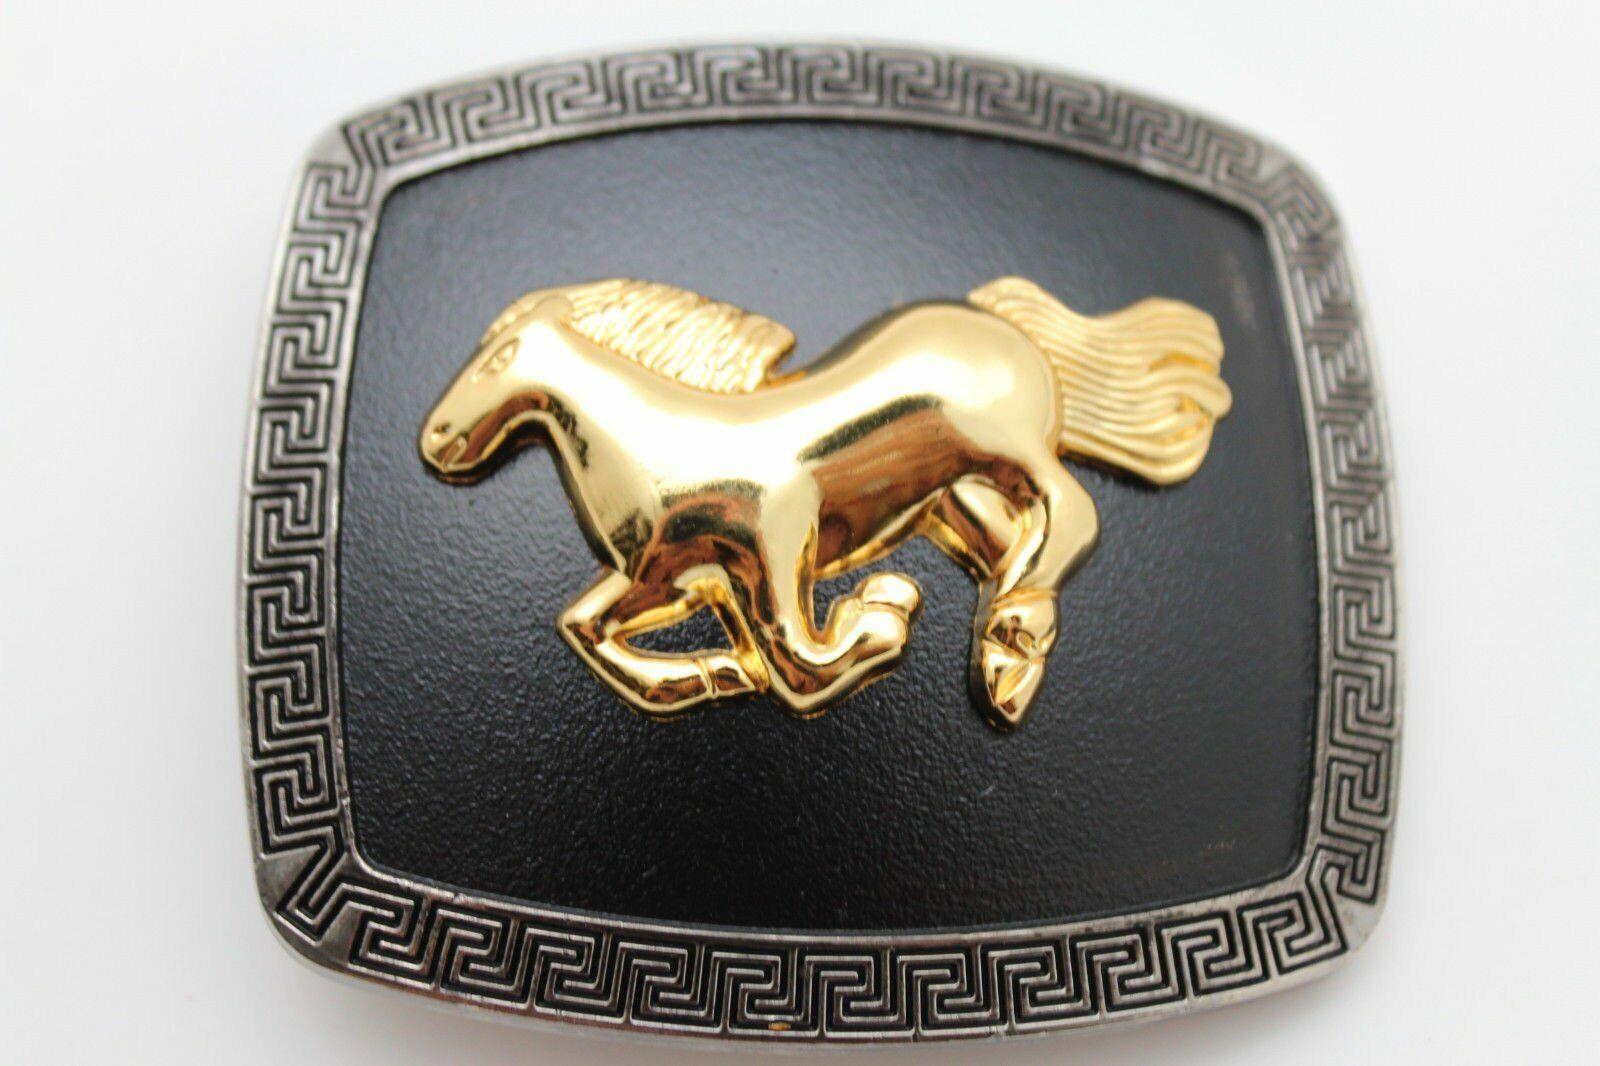 Herren Western Gürtelschnalle Silber Metal Square Gold Rodeo Pferd Schwarz Hose